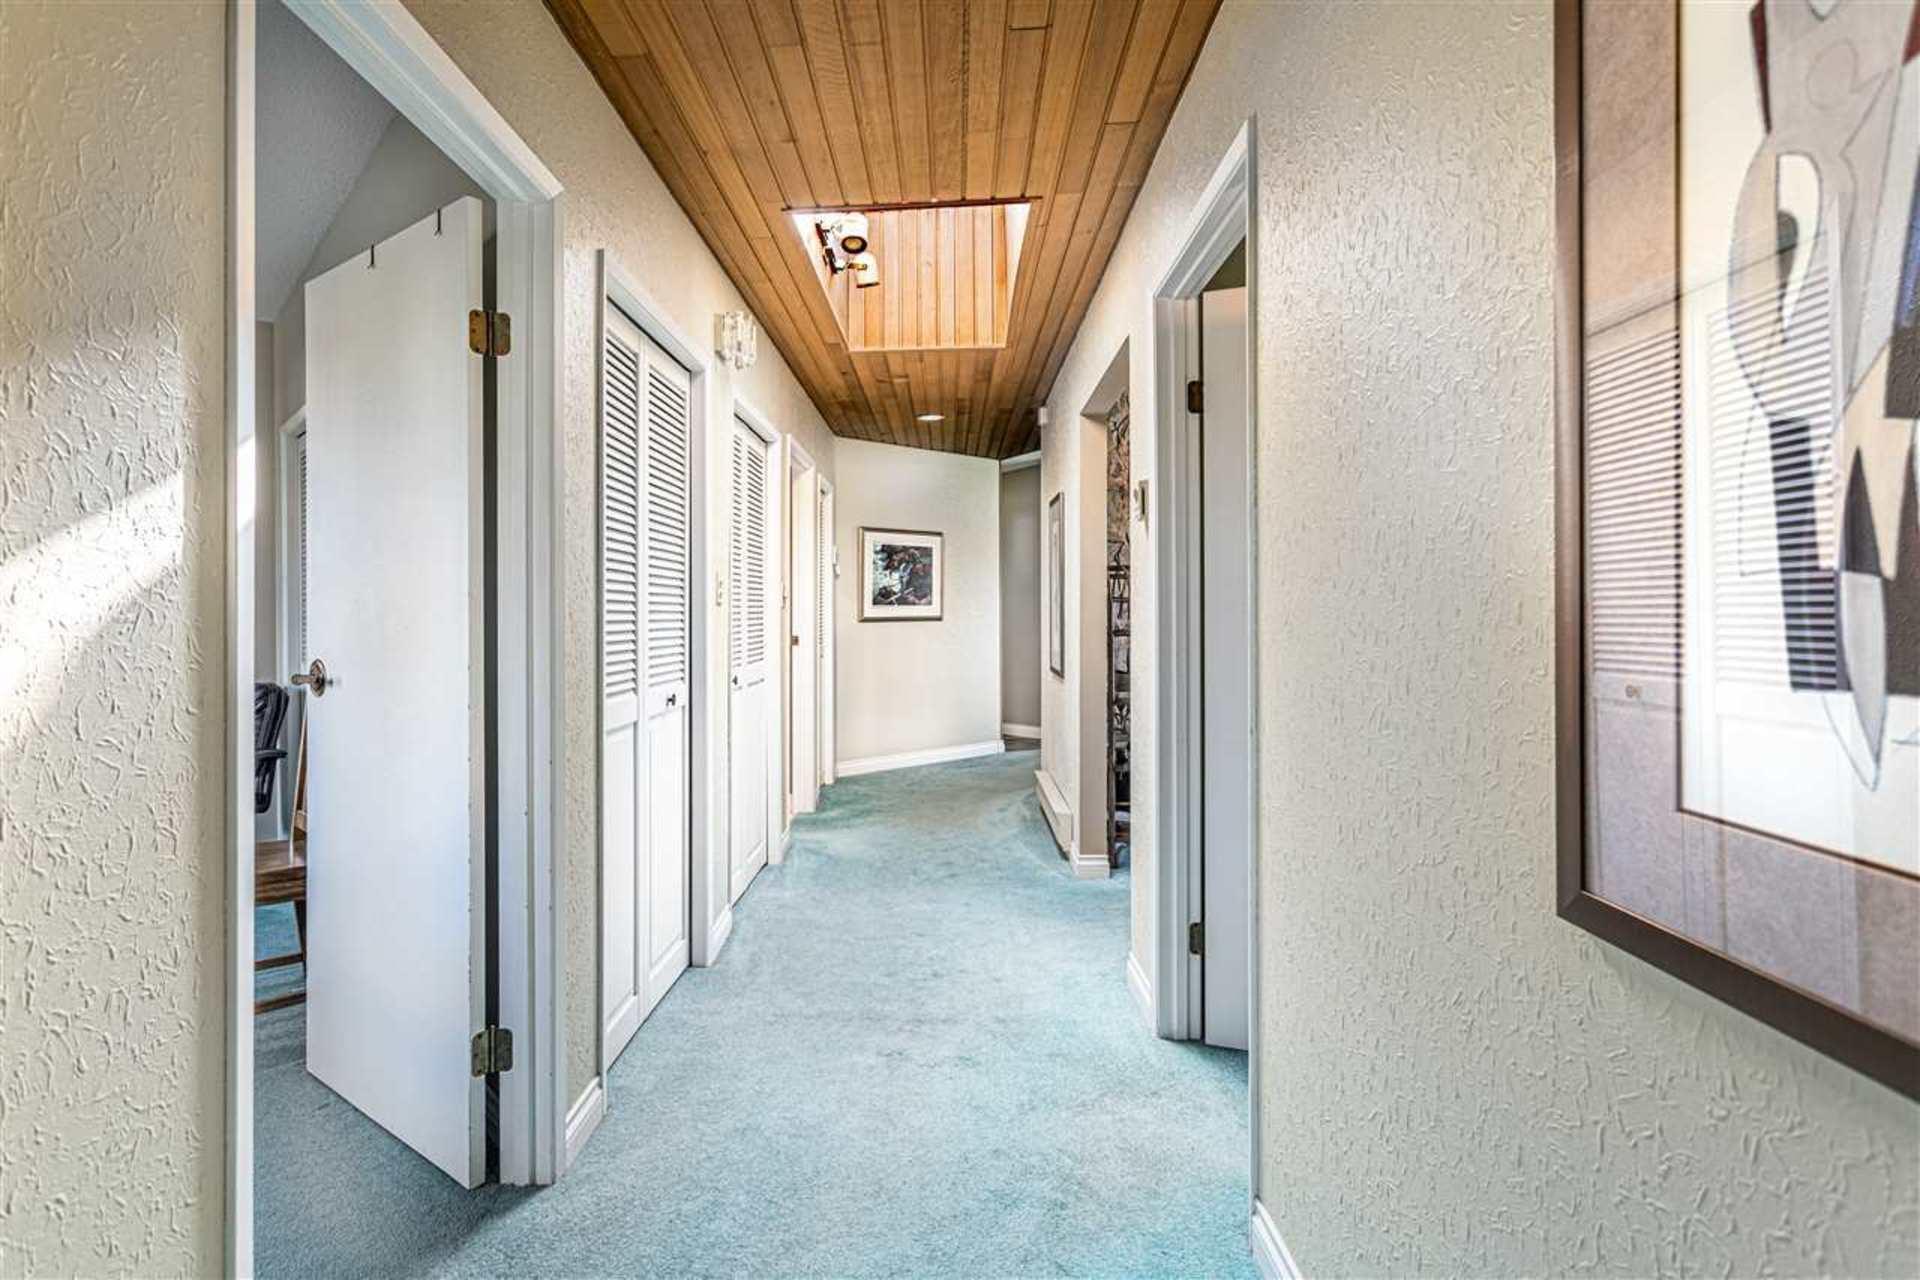 1200-cottonwood-avenue-central-coquitlam-coquitlam-02 at 1200 Cottonwood Avenue, Central Coquitlam, Coquitlam